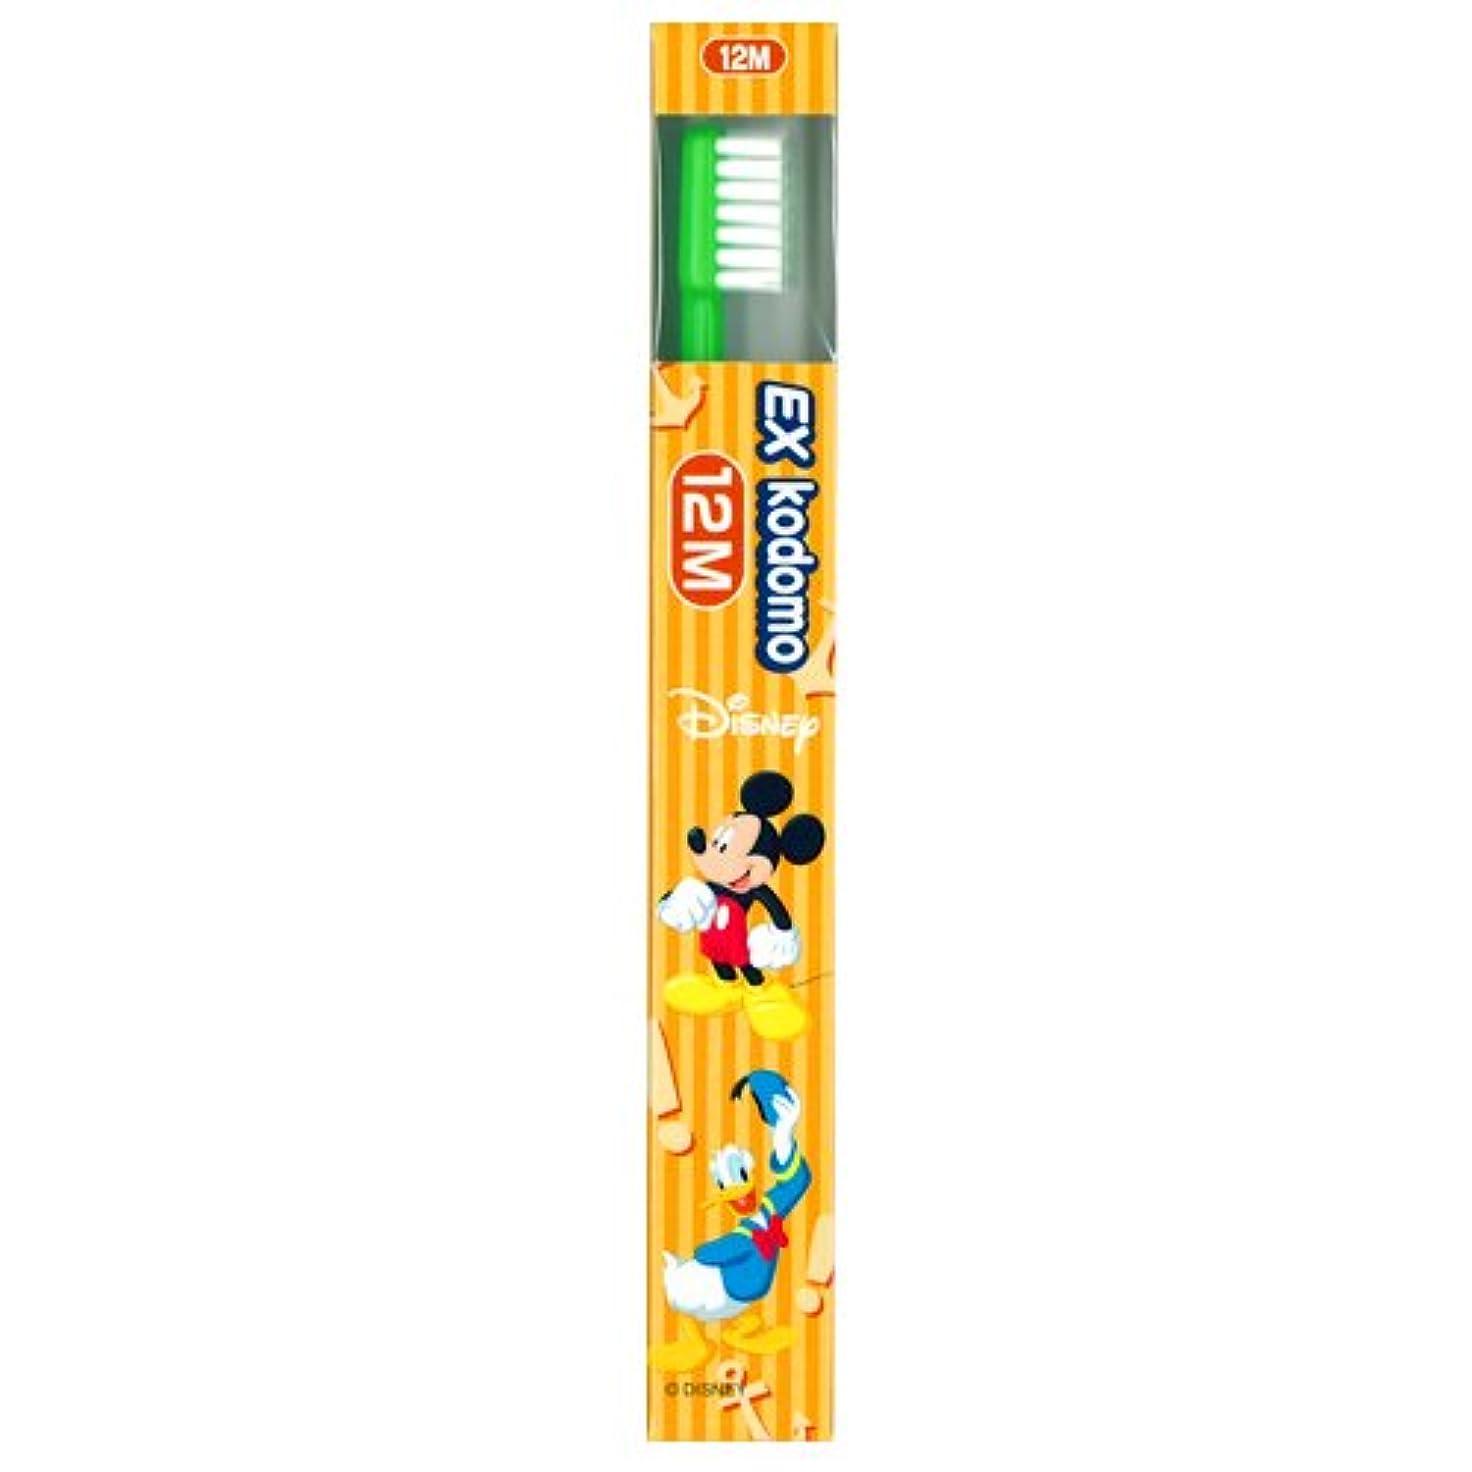 ライオン EX kodomo ディズニー 歯ブラシ 1本 12M グリーン